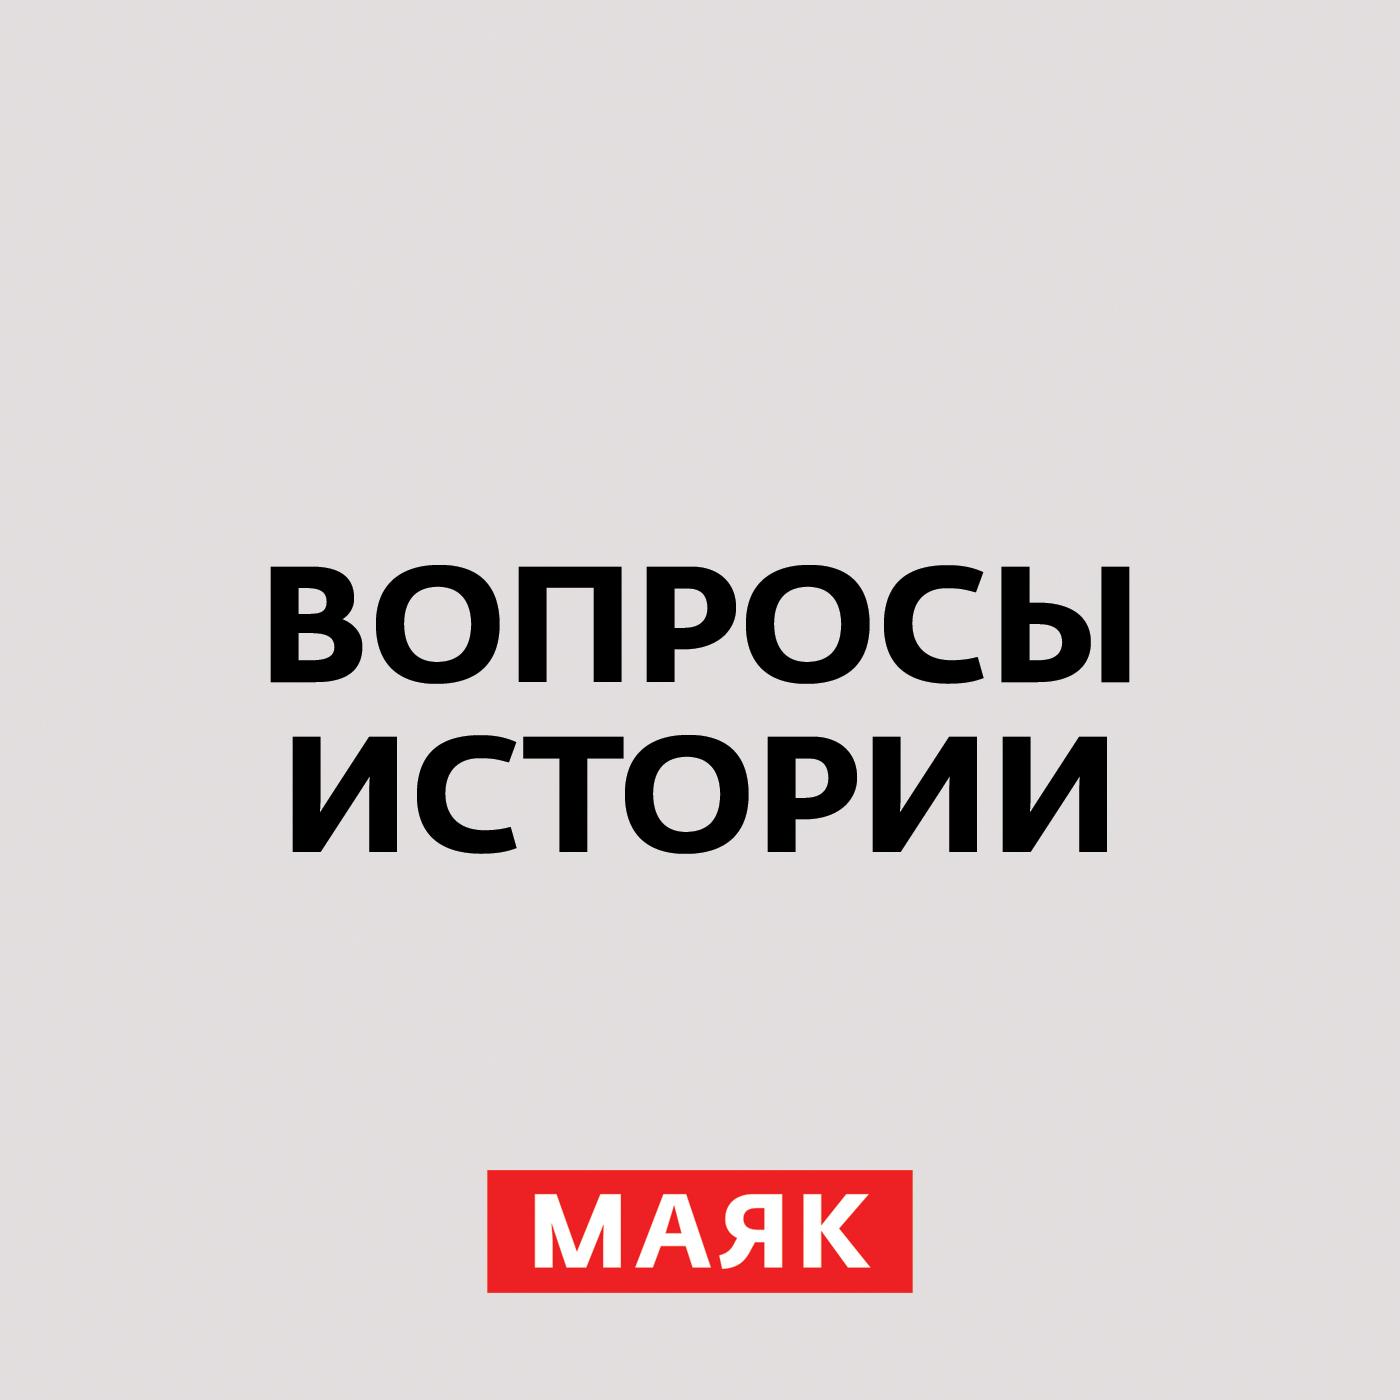 все цены на Андрей Светенко Что привело к августу 91-го. Часть 2 онлайн